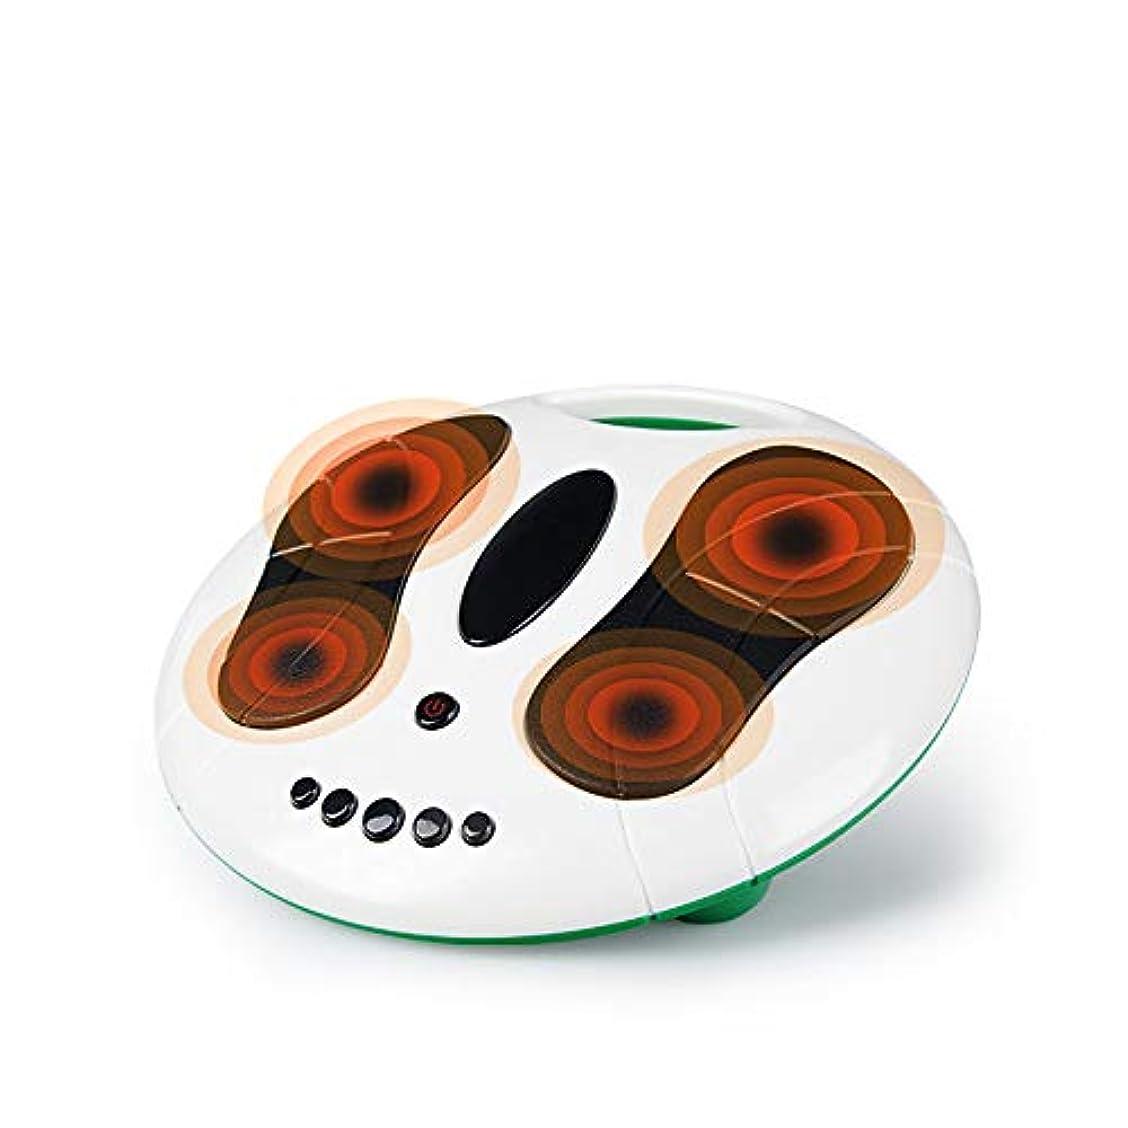 攻撃講堂楽しませるフットマッサージャーツボホーム刺激マッサージャーフットマッサージャー鍼暖房理学療法機械